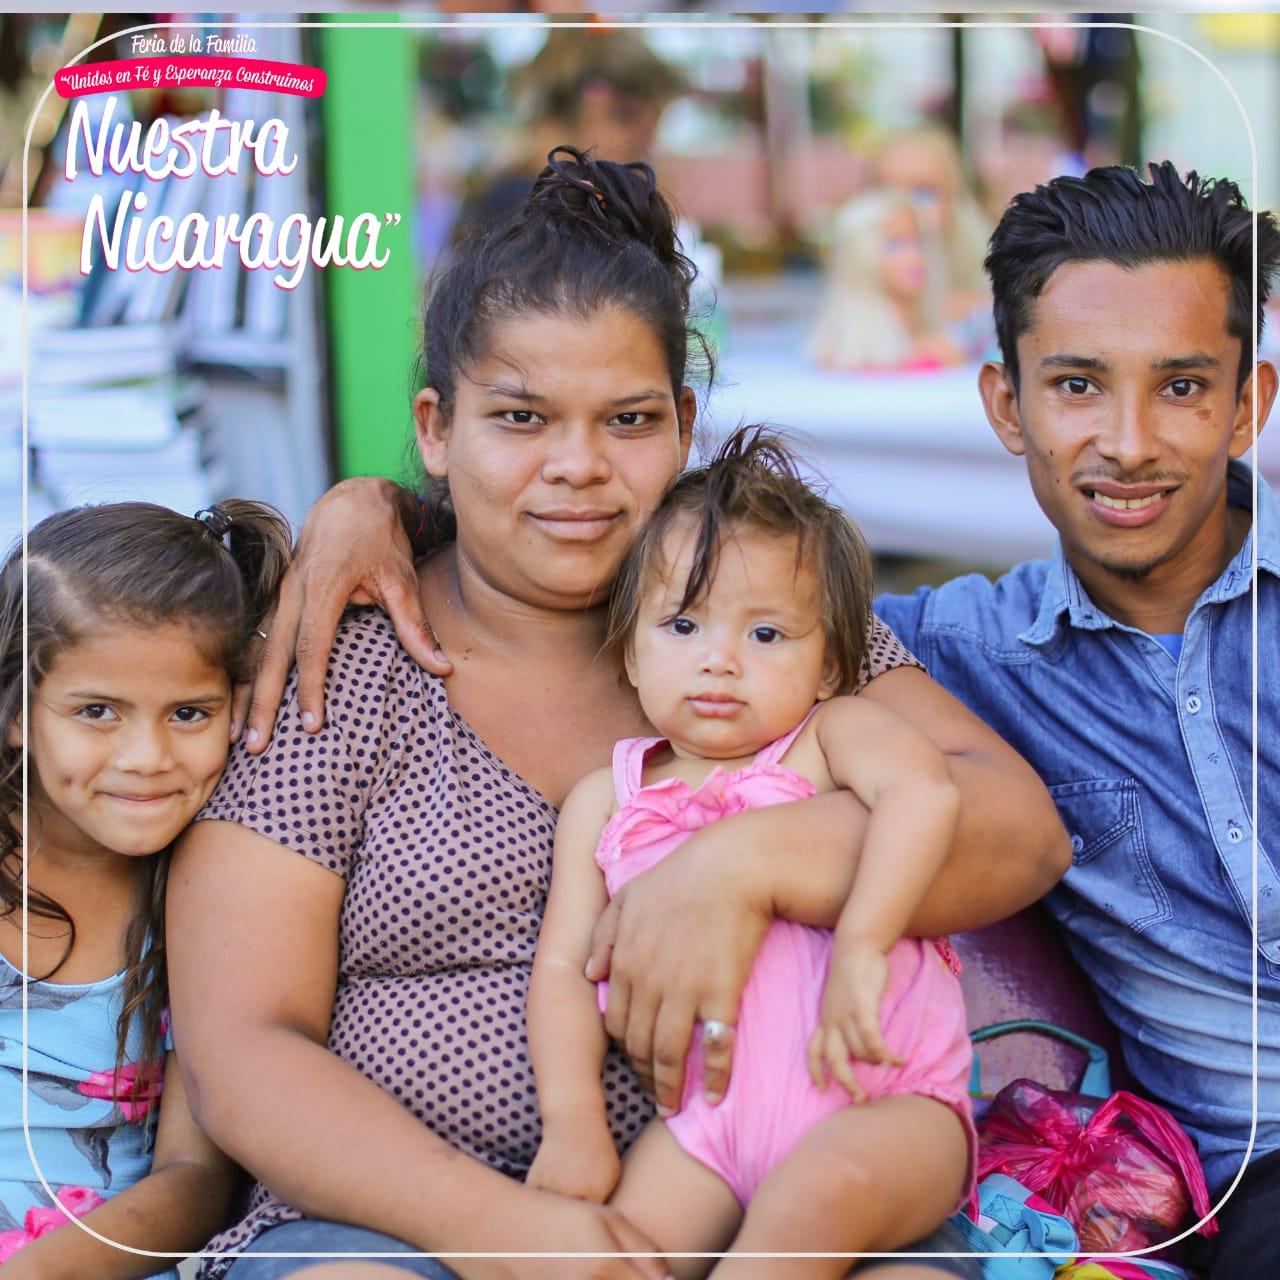 """Feria de la Familia """"Unidos en Fé y Esperanza Construimos nuestra Nicaragua"""""""